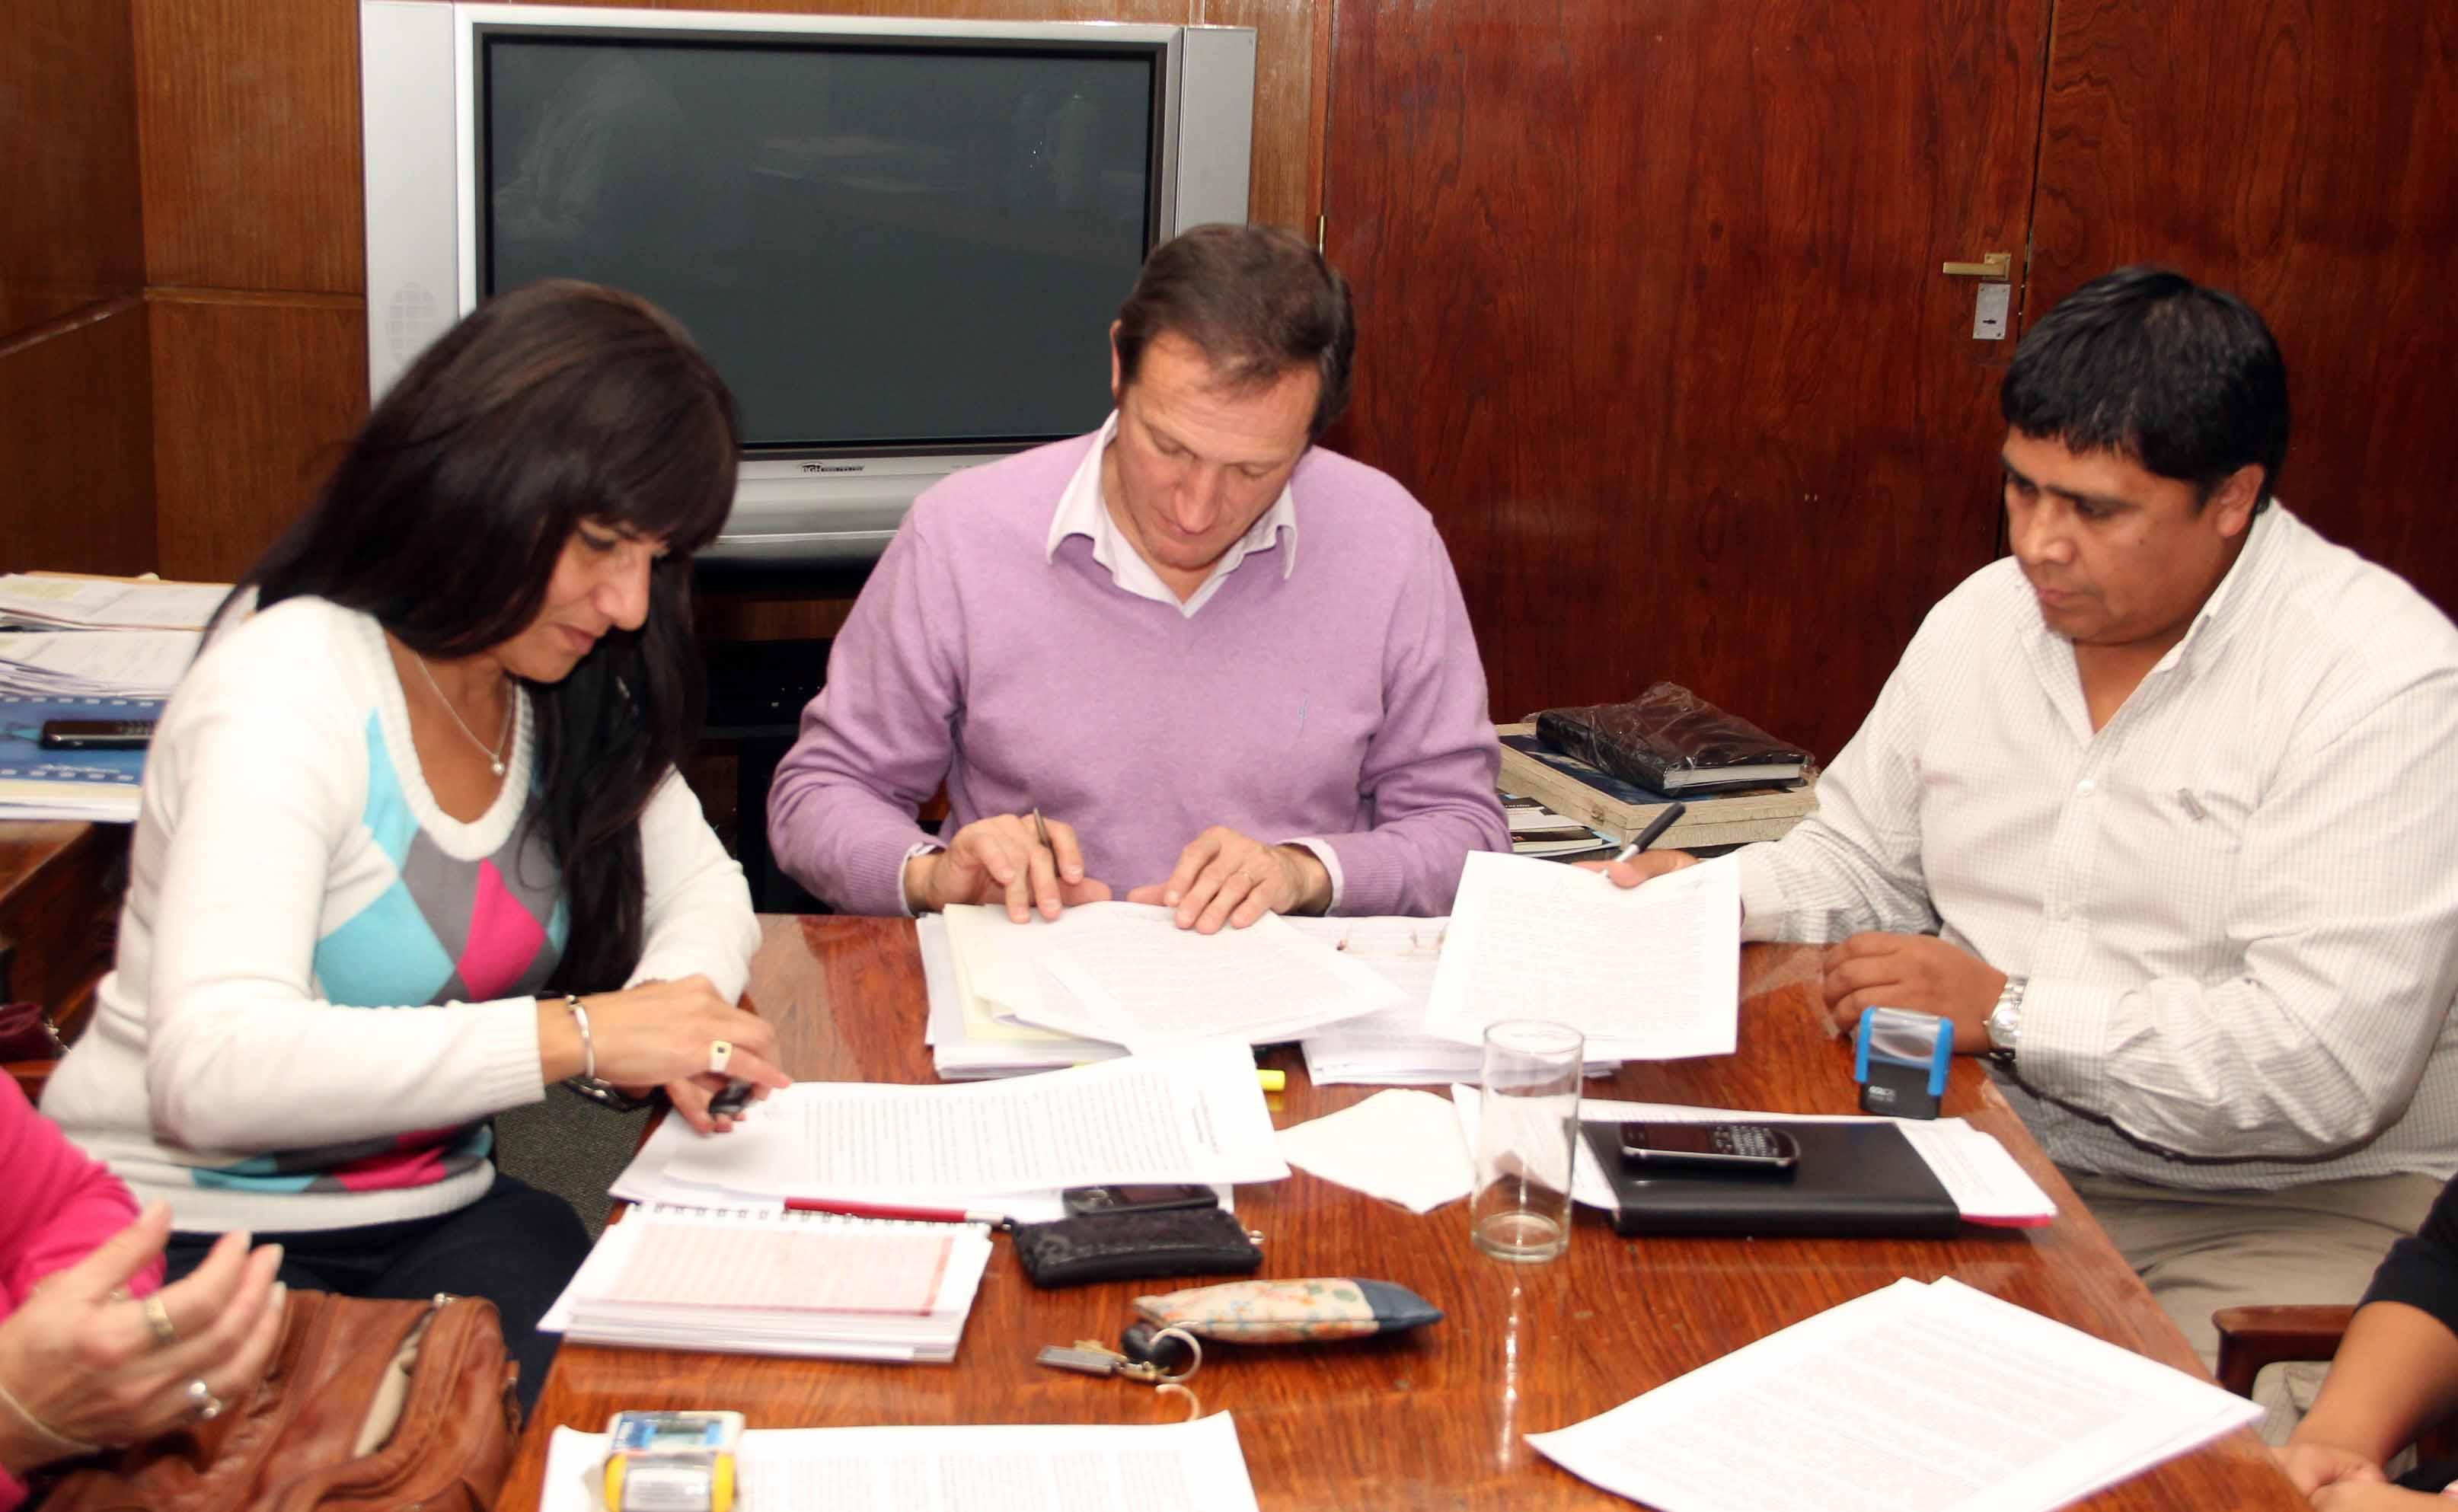 Zaffaroni expres su satisfacci n por el acuerdo firmado for Clausula suelo con acuerdo firmado